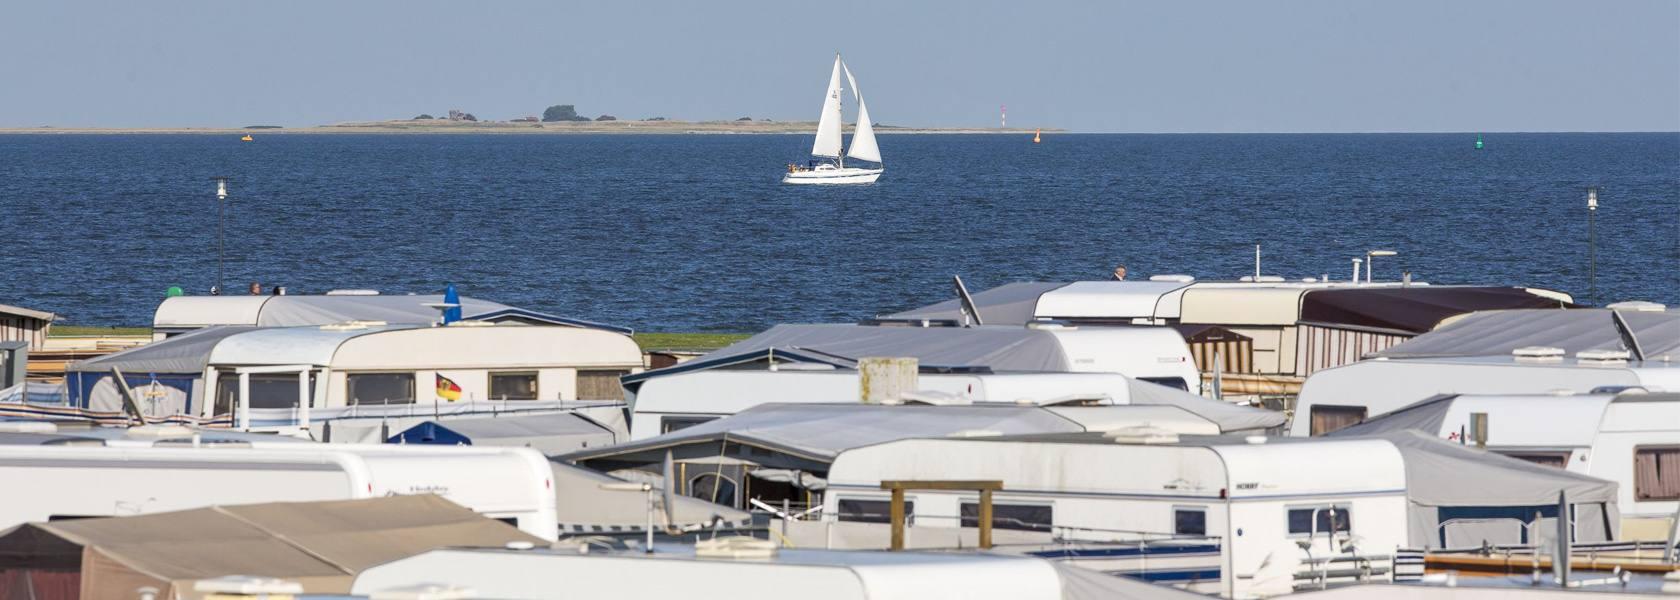 Nordseecamping Schillig, © Wangerland Touristik GmbH